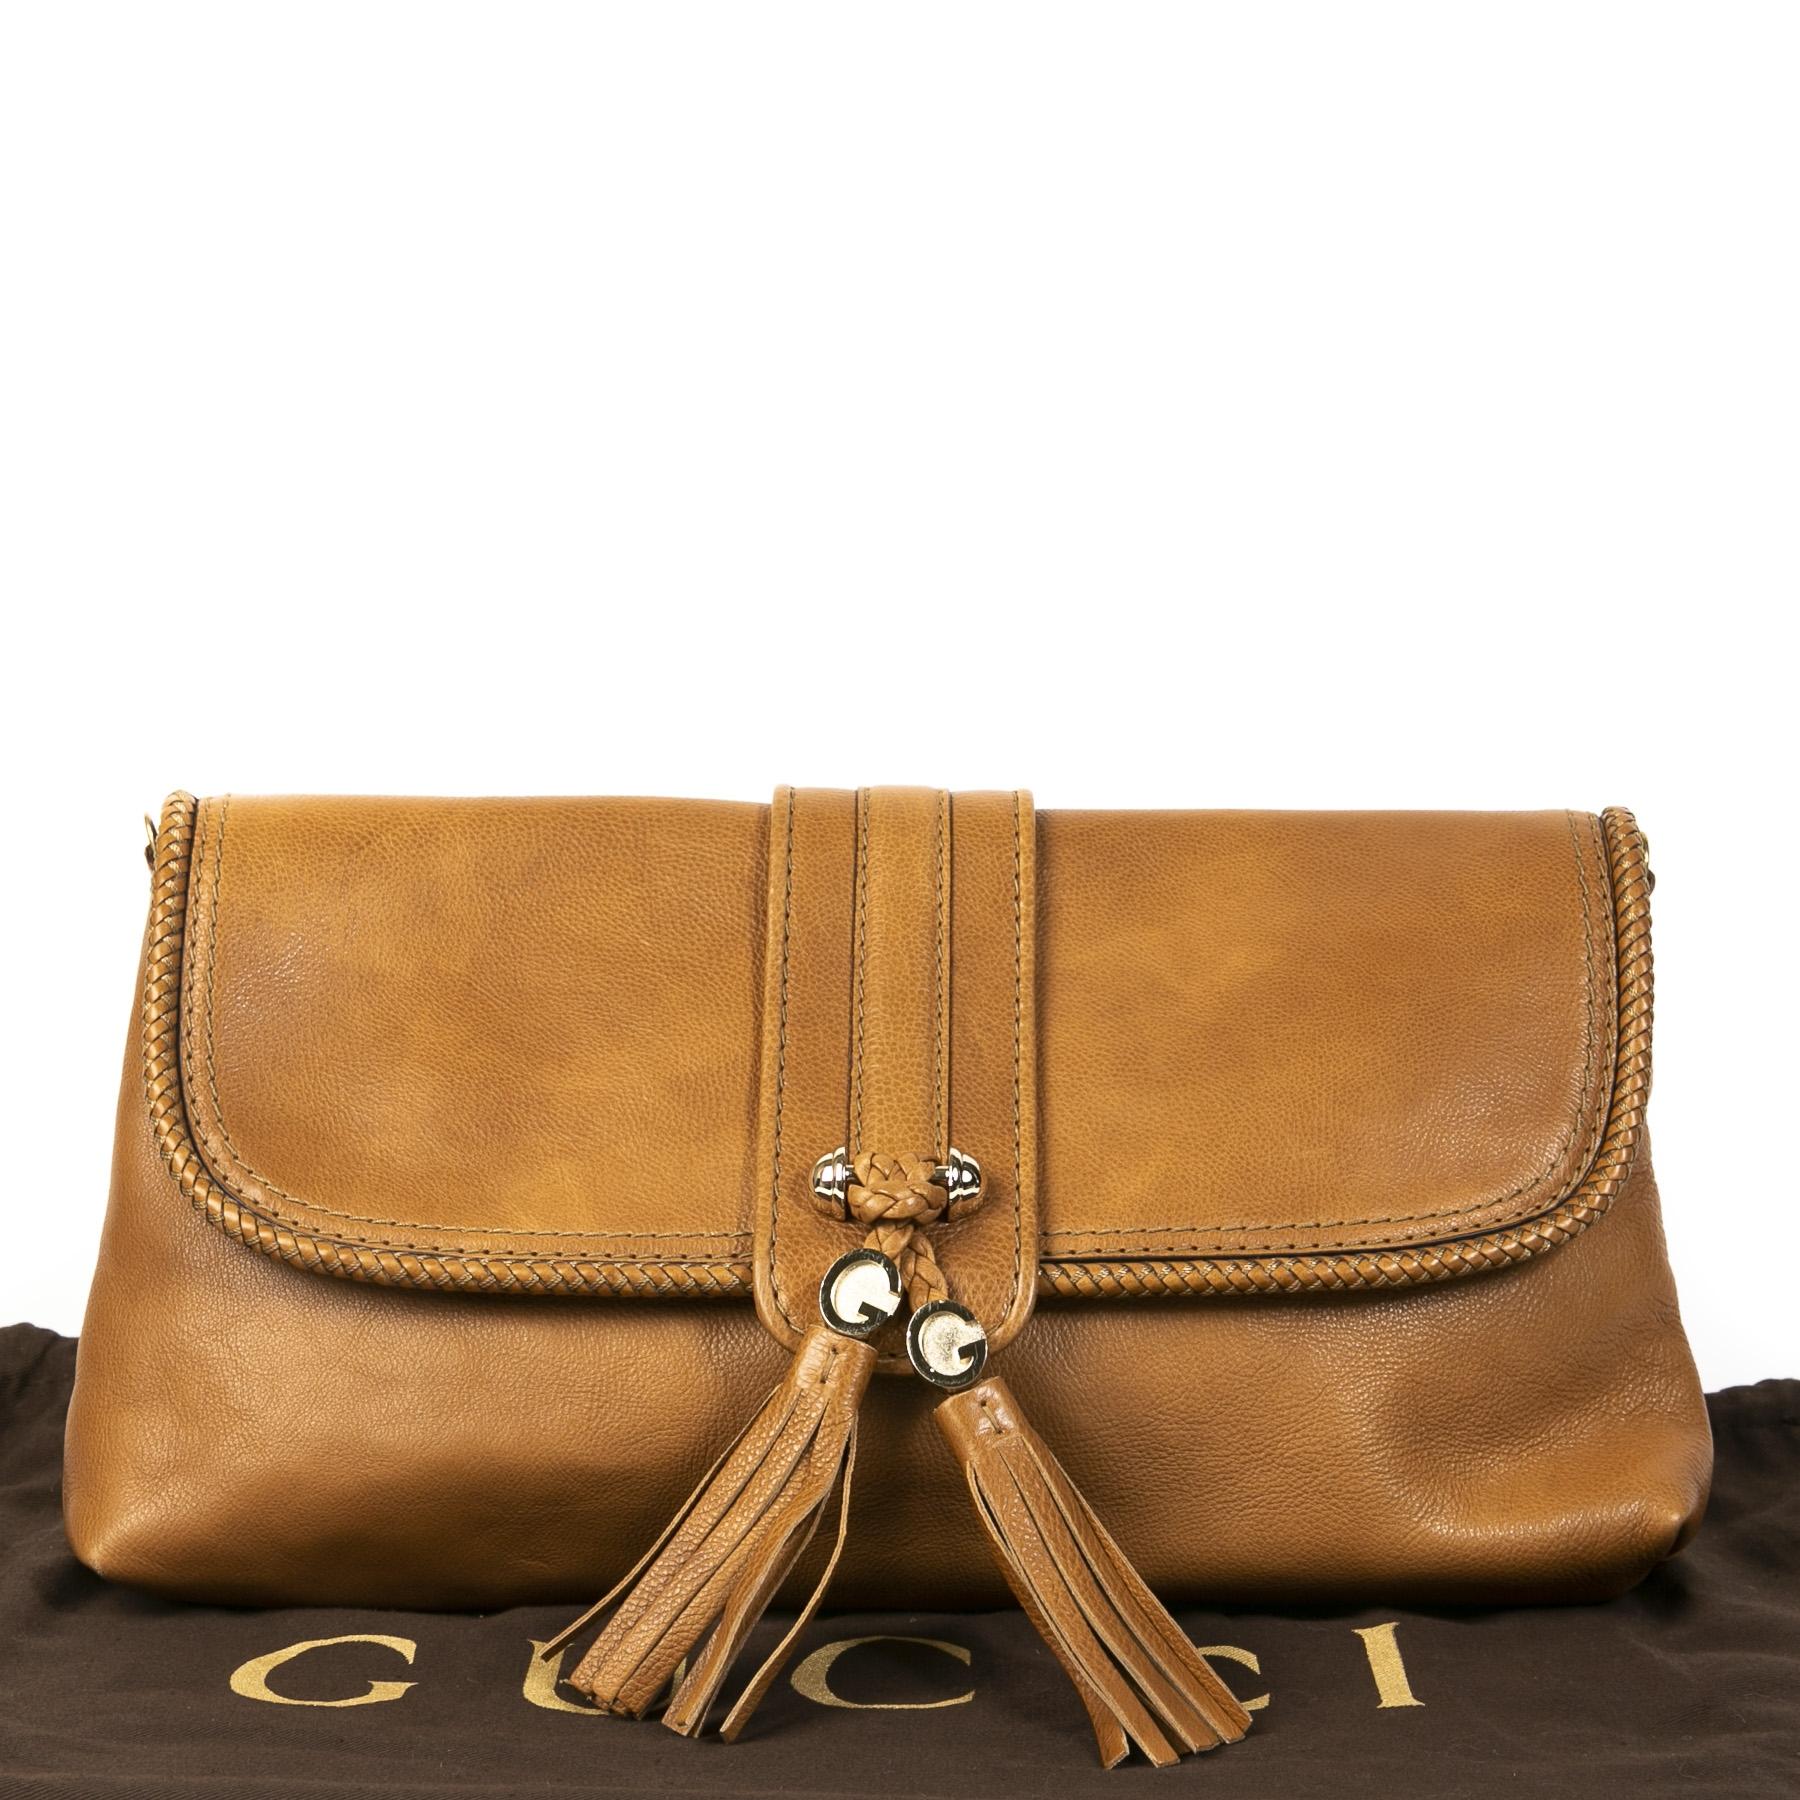 Authentieke tweedehands vintage Gucci Camel Marrakech Clutch koop online webshop LabelLOV